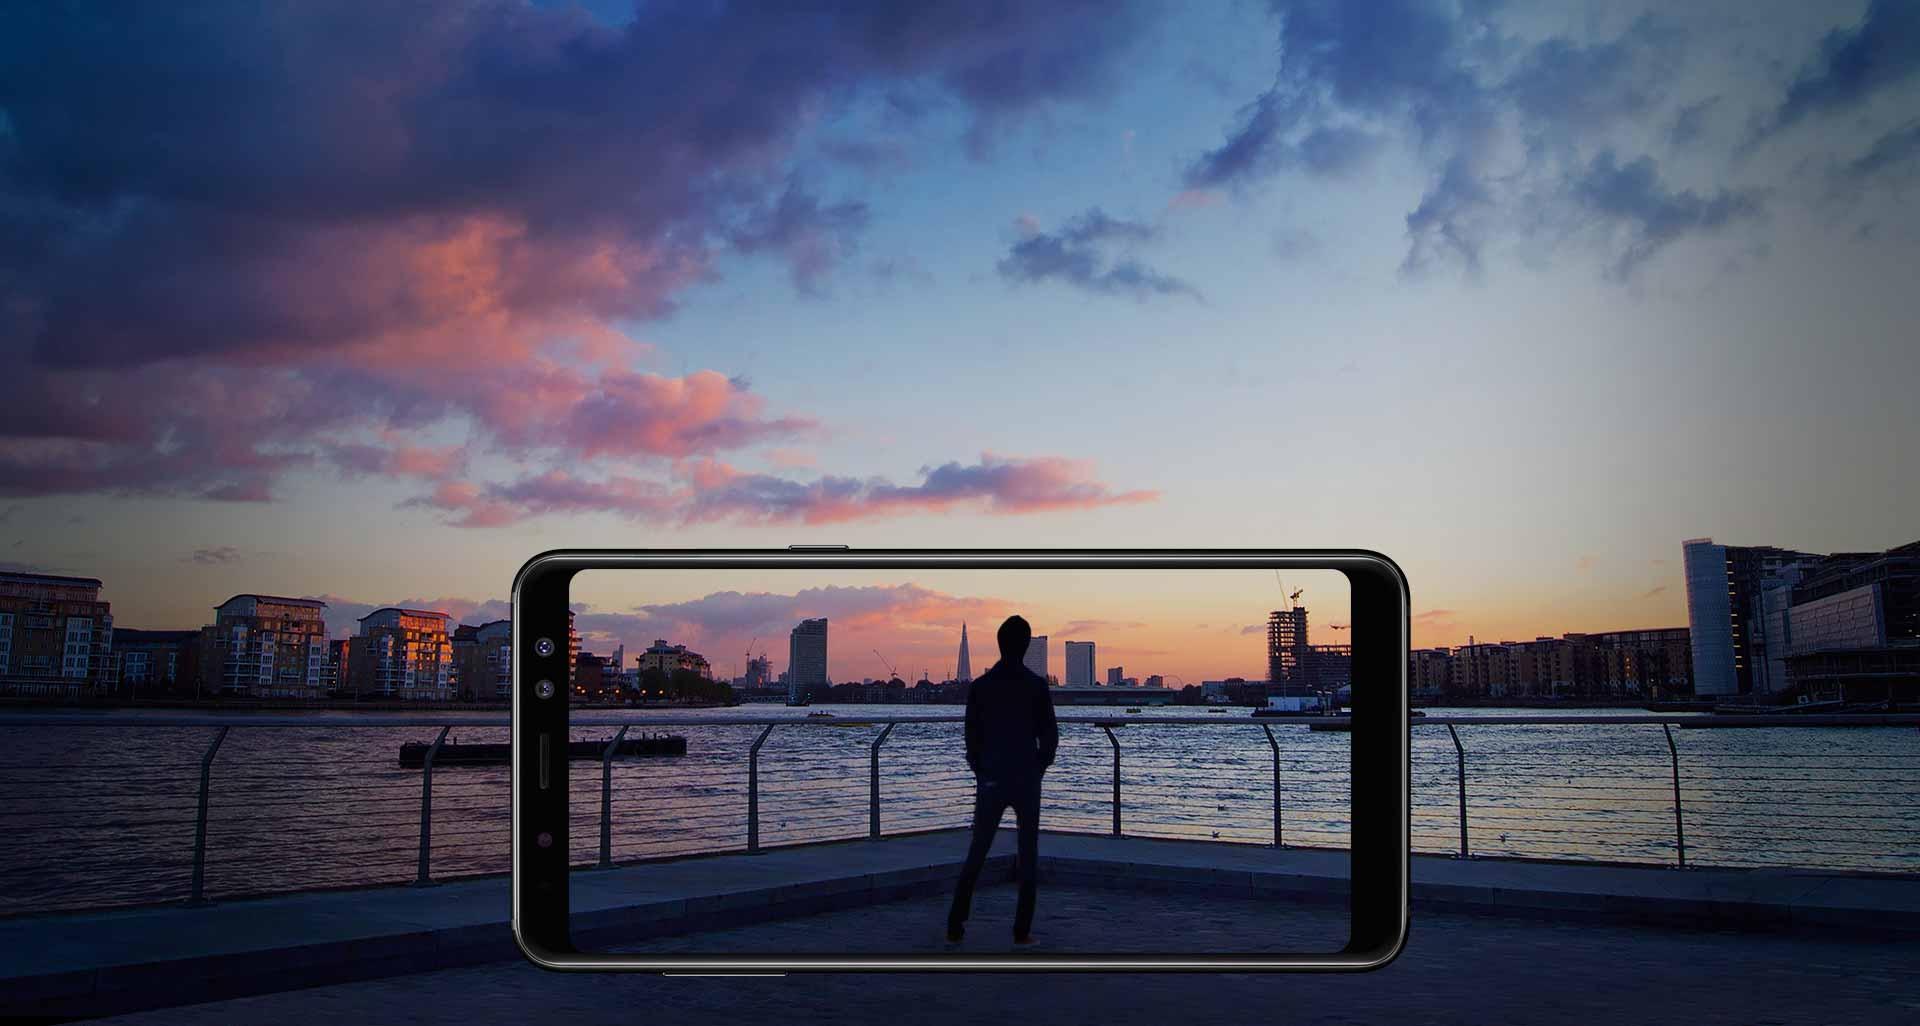 دید گسترده با نمایشگر Infinity گوشی گلکسی ای 8 2018 سامسونگ